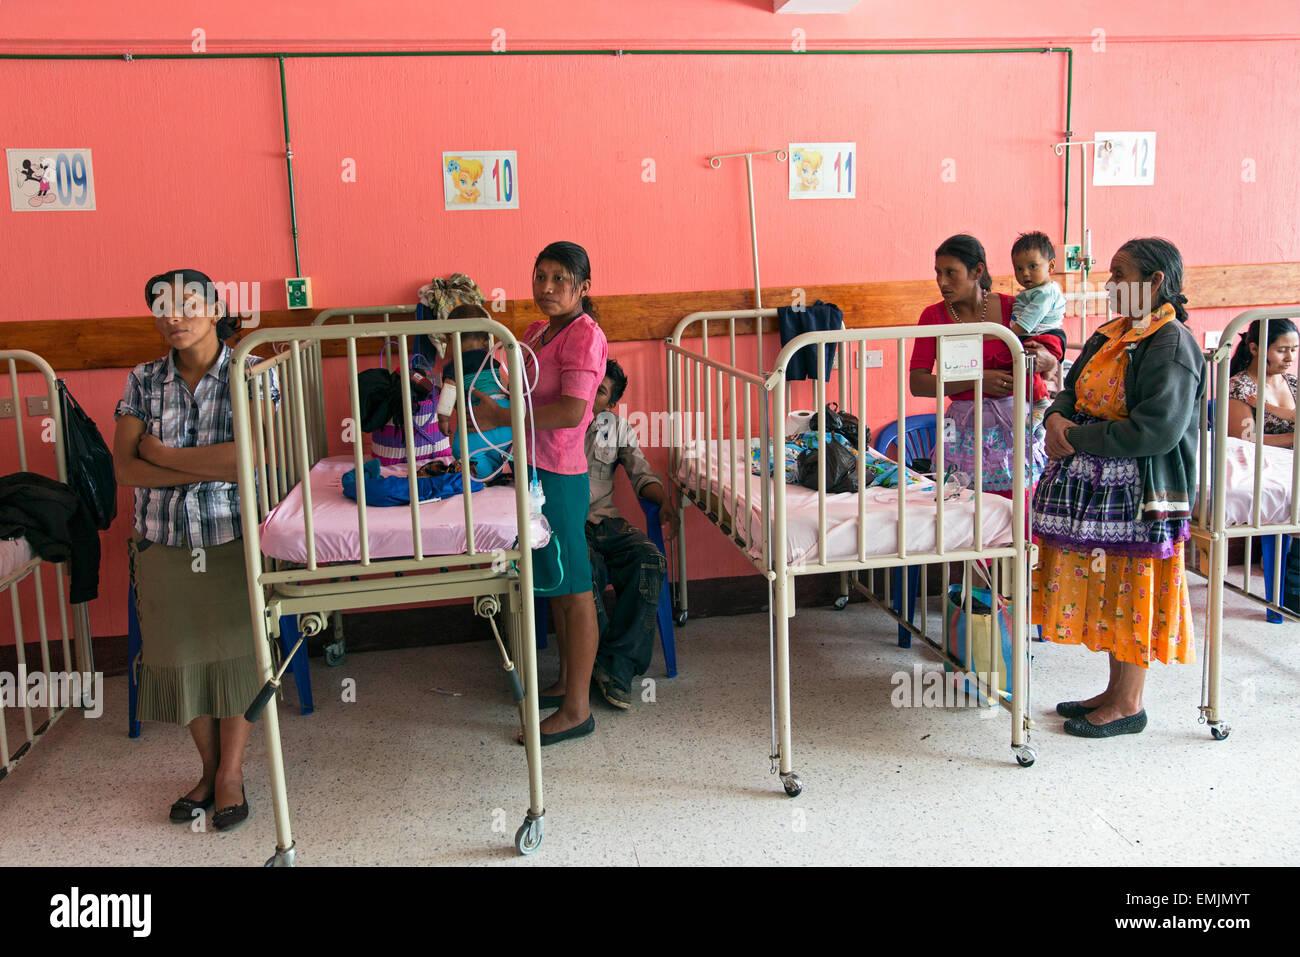 Guatemala,Jalapa, salle commune des enfants dans l'hôpital local Photo Stock